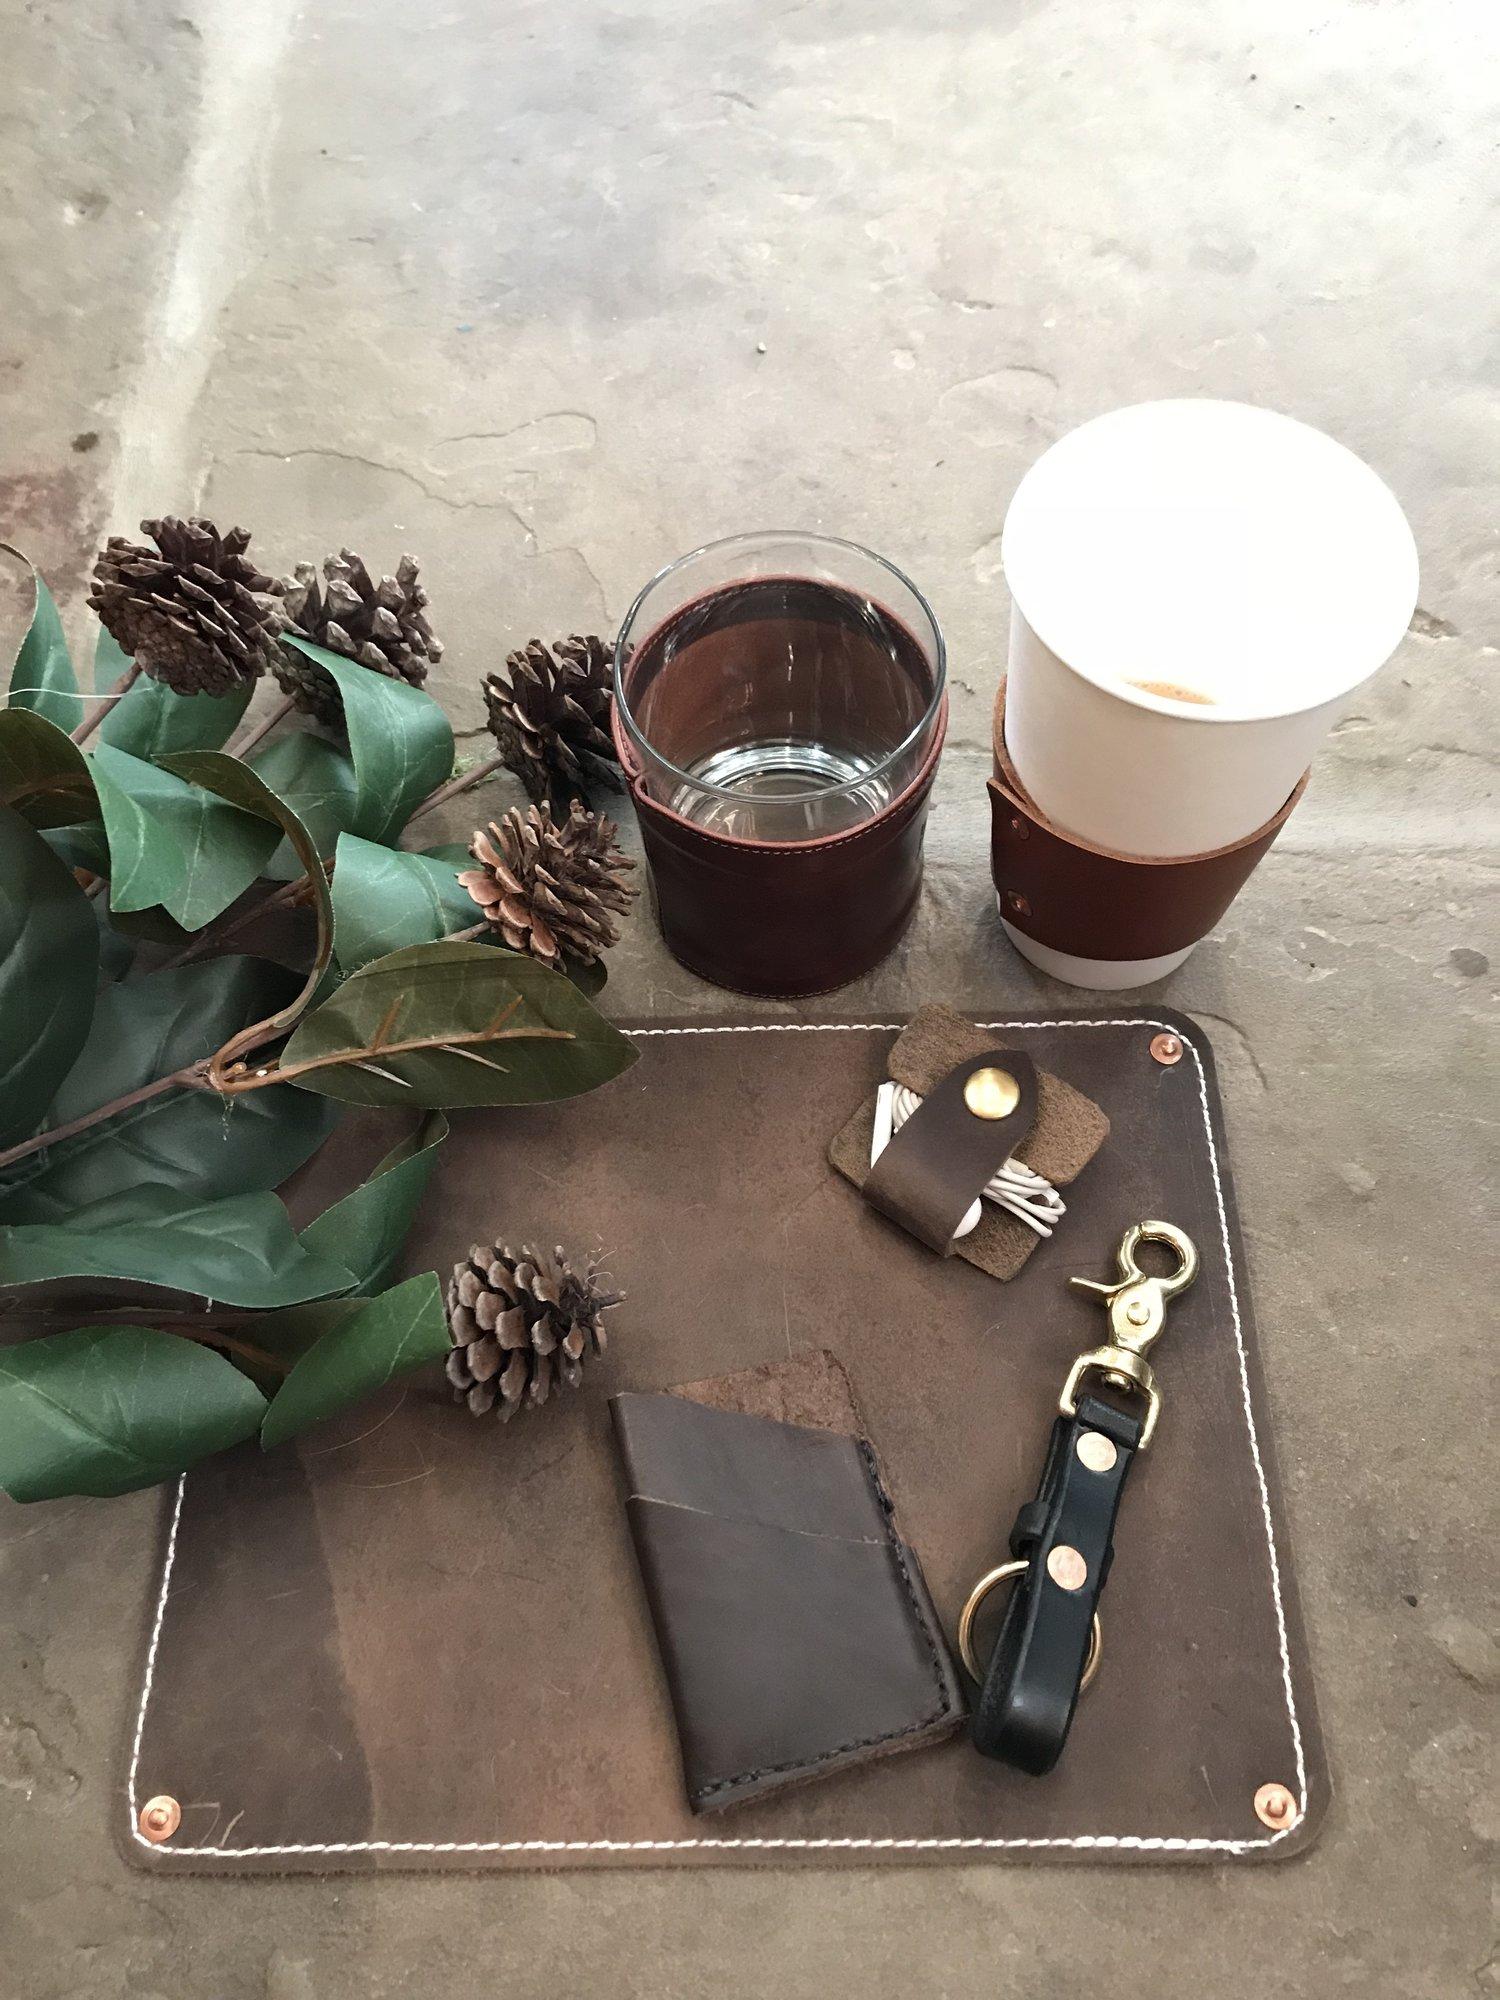 Desk+scene+-+men+bourban+glass,+coffee+sleeve,+earbud+wrap,+card+case,+keychain,mousepad.jpg